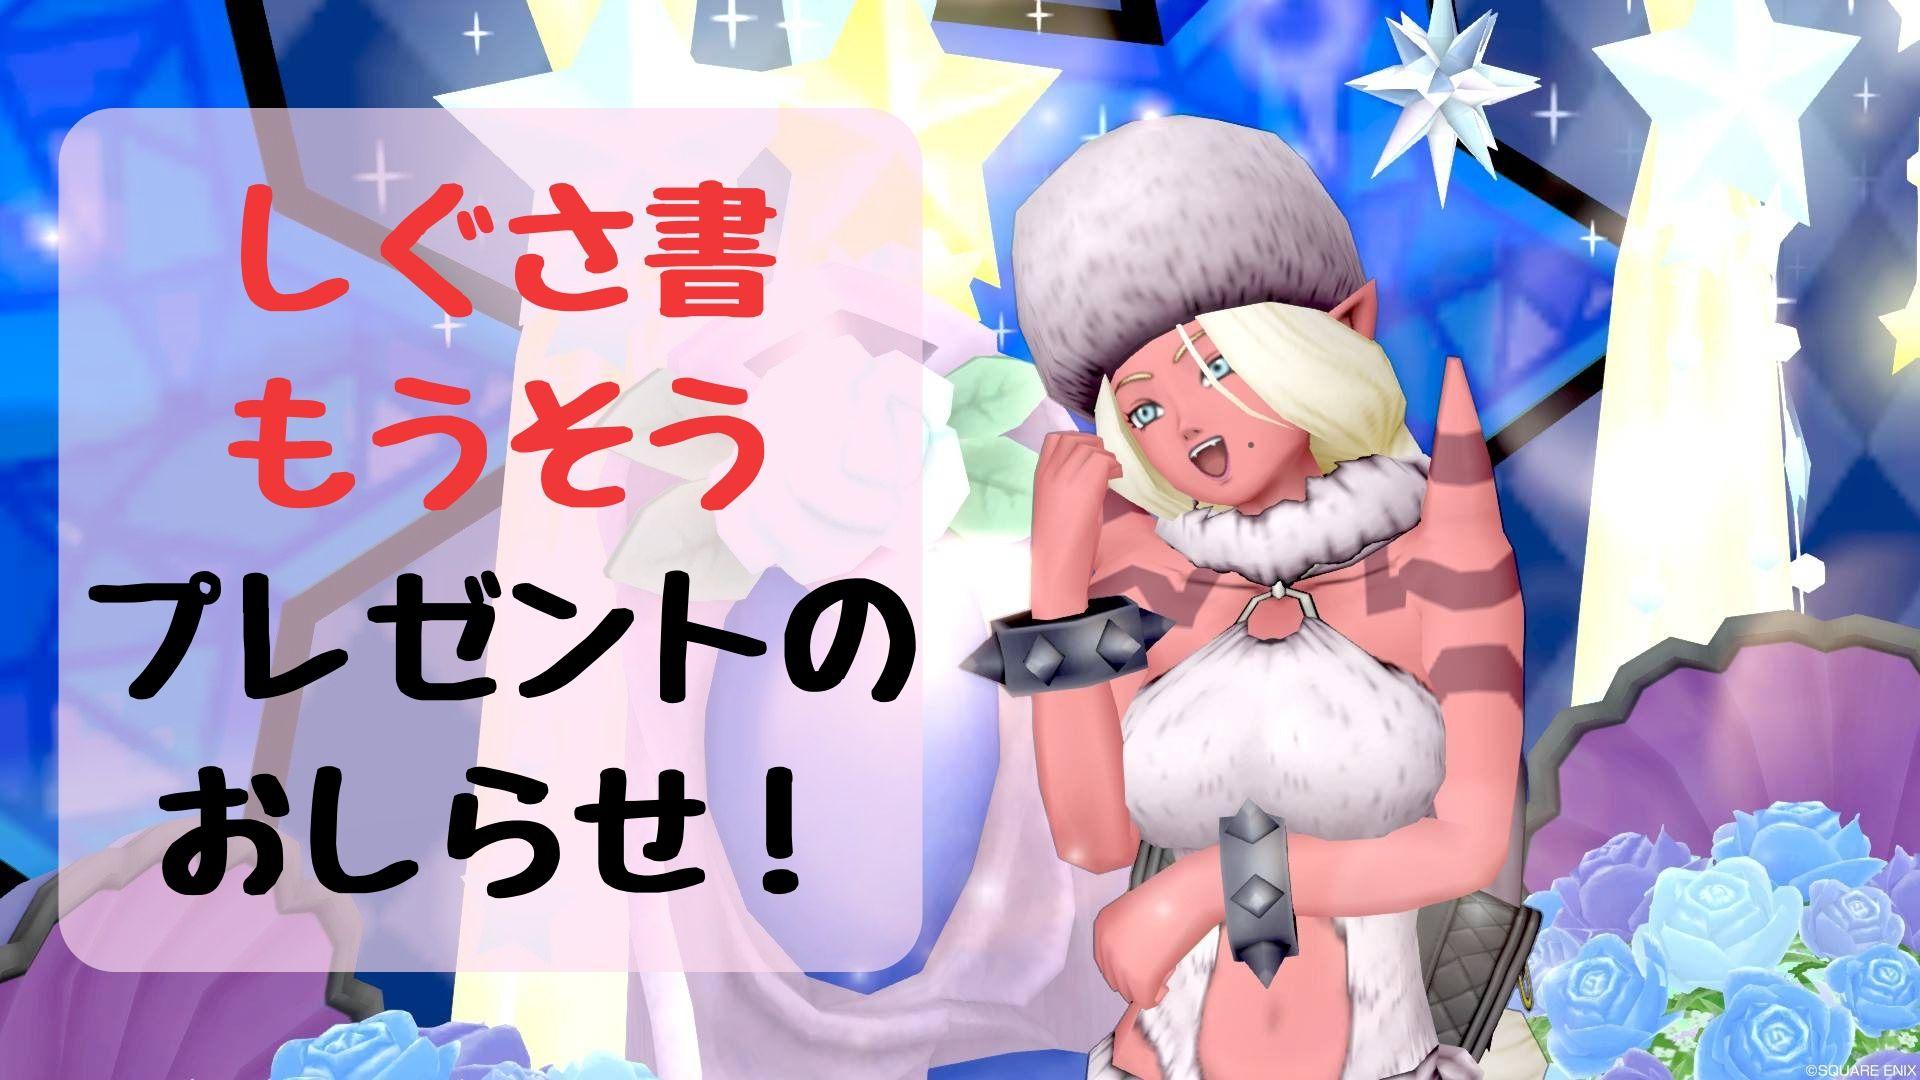 しぐさ「妄想」可愛すぎてヤベェ!&プレゼント企画のおしらせ